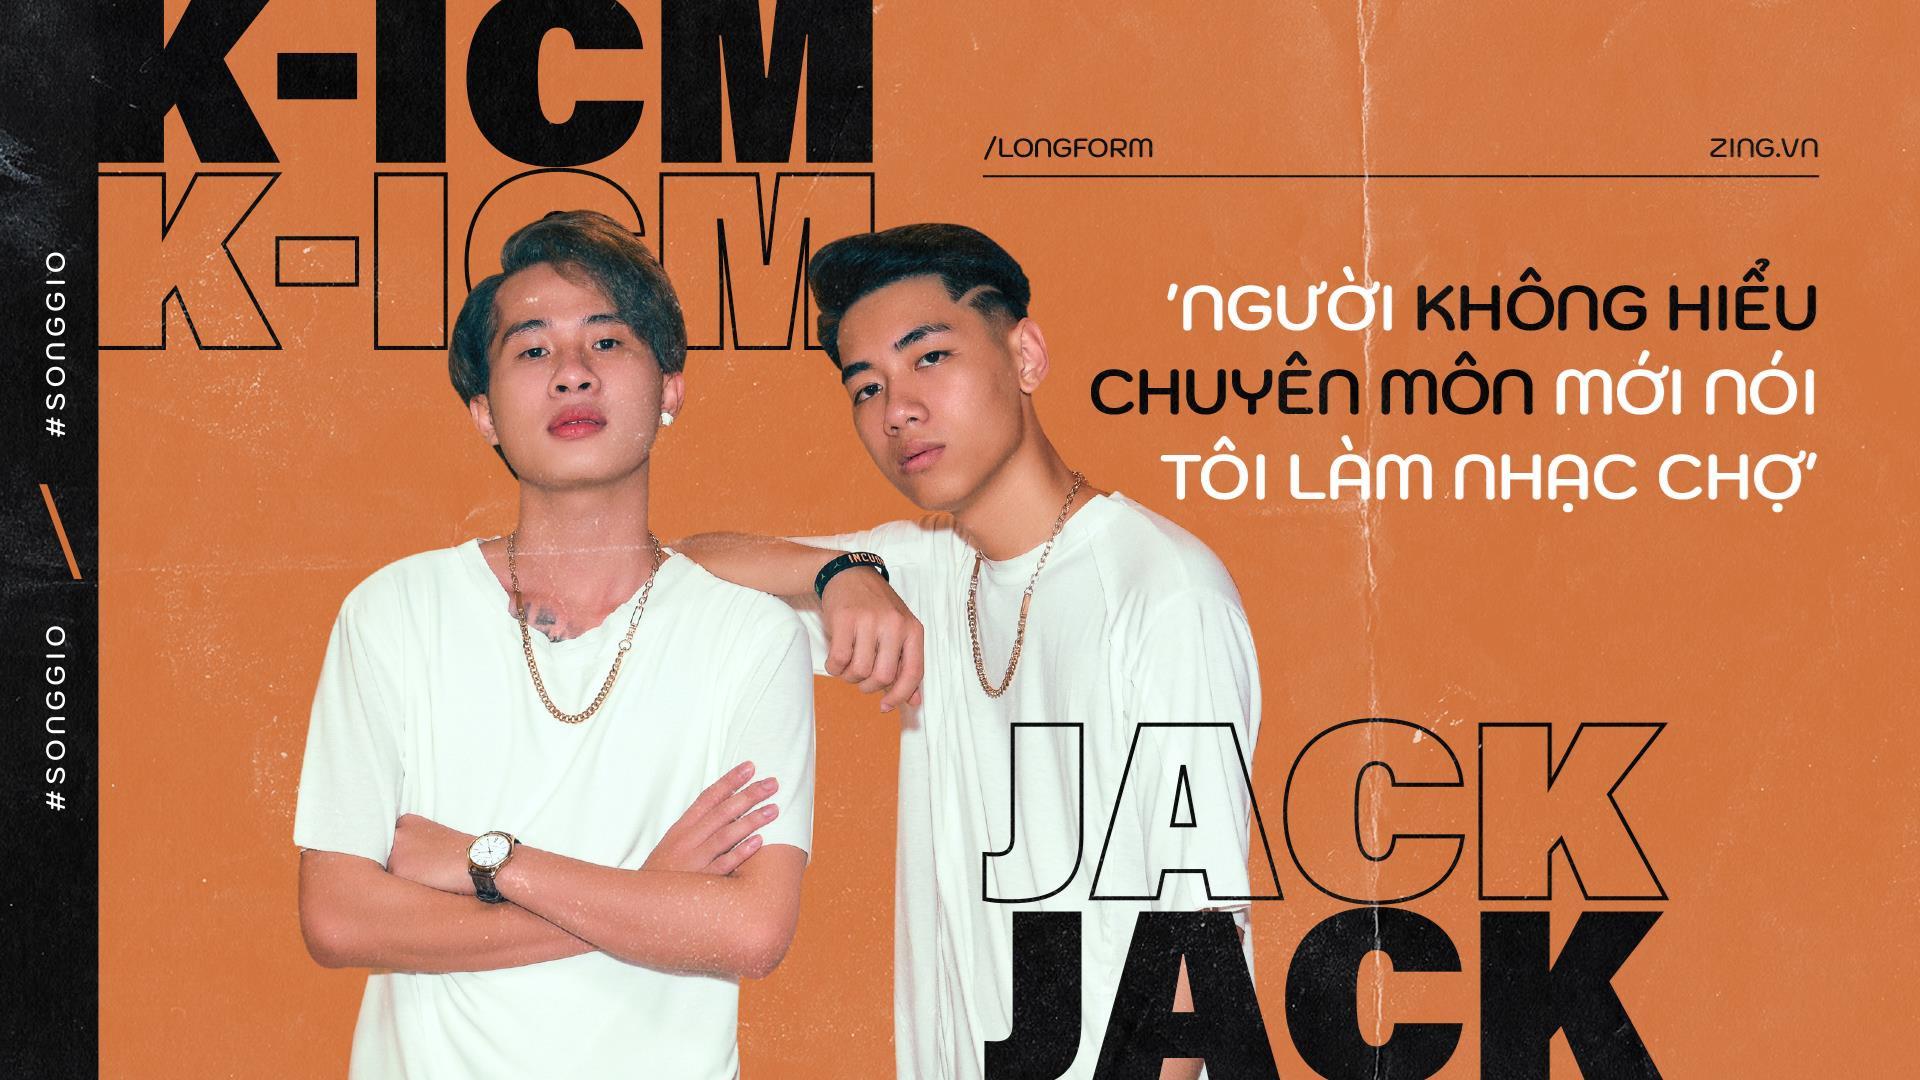 jack k icm khong hieu chuyen mon moi noi song gio la nhac cho